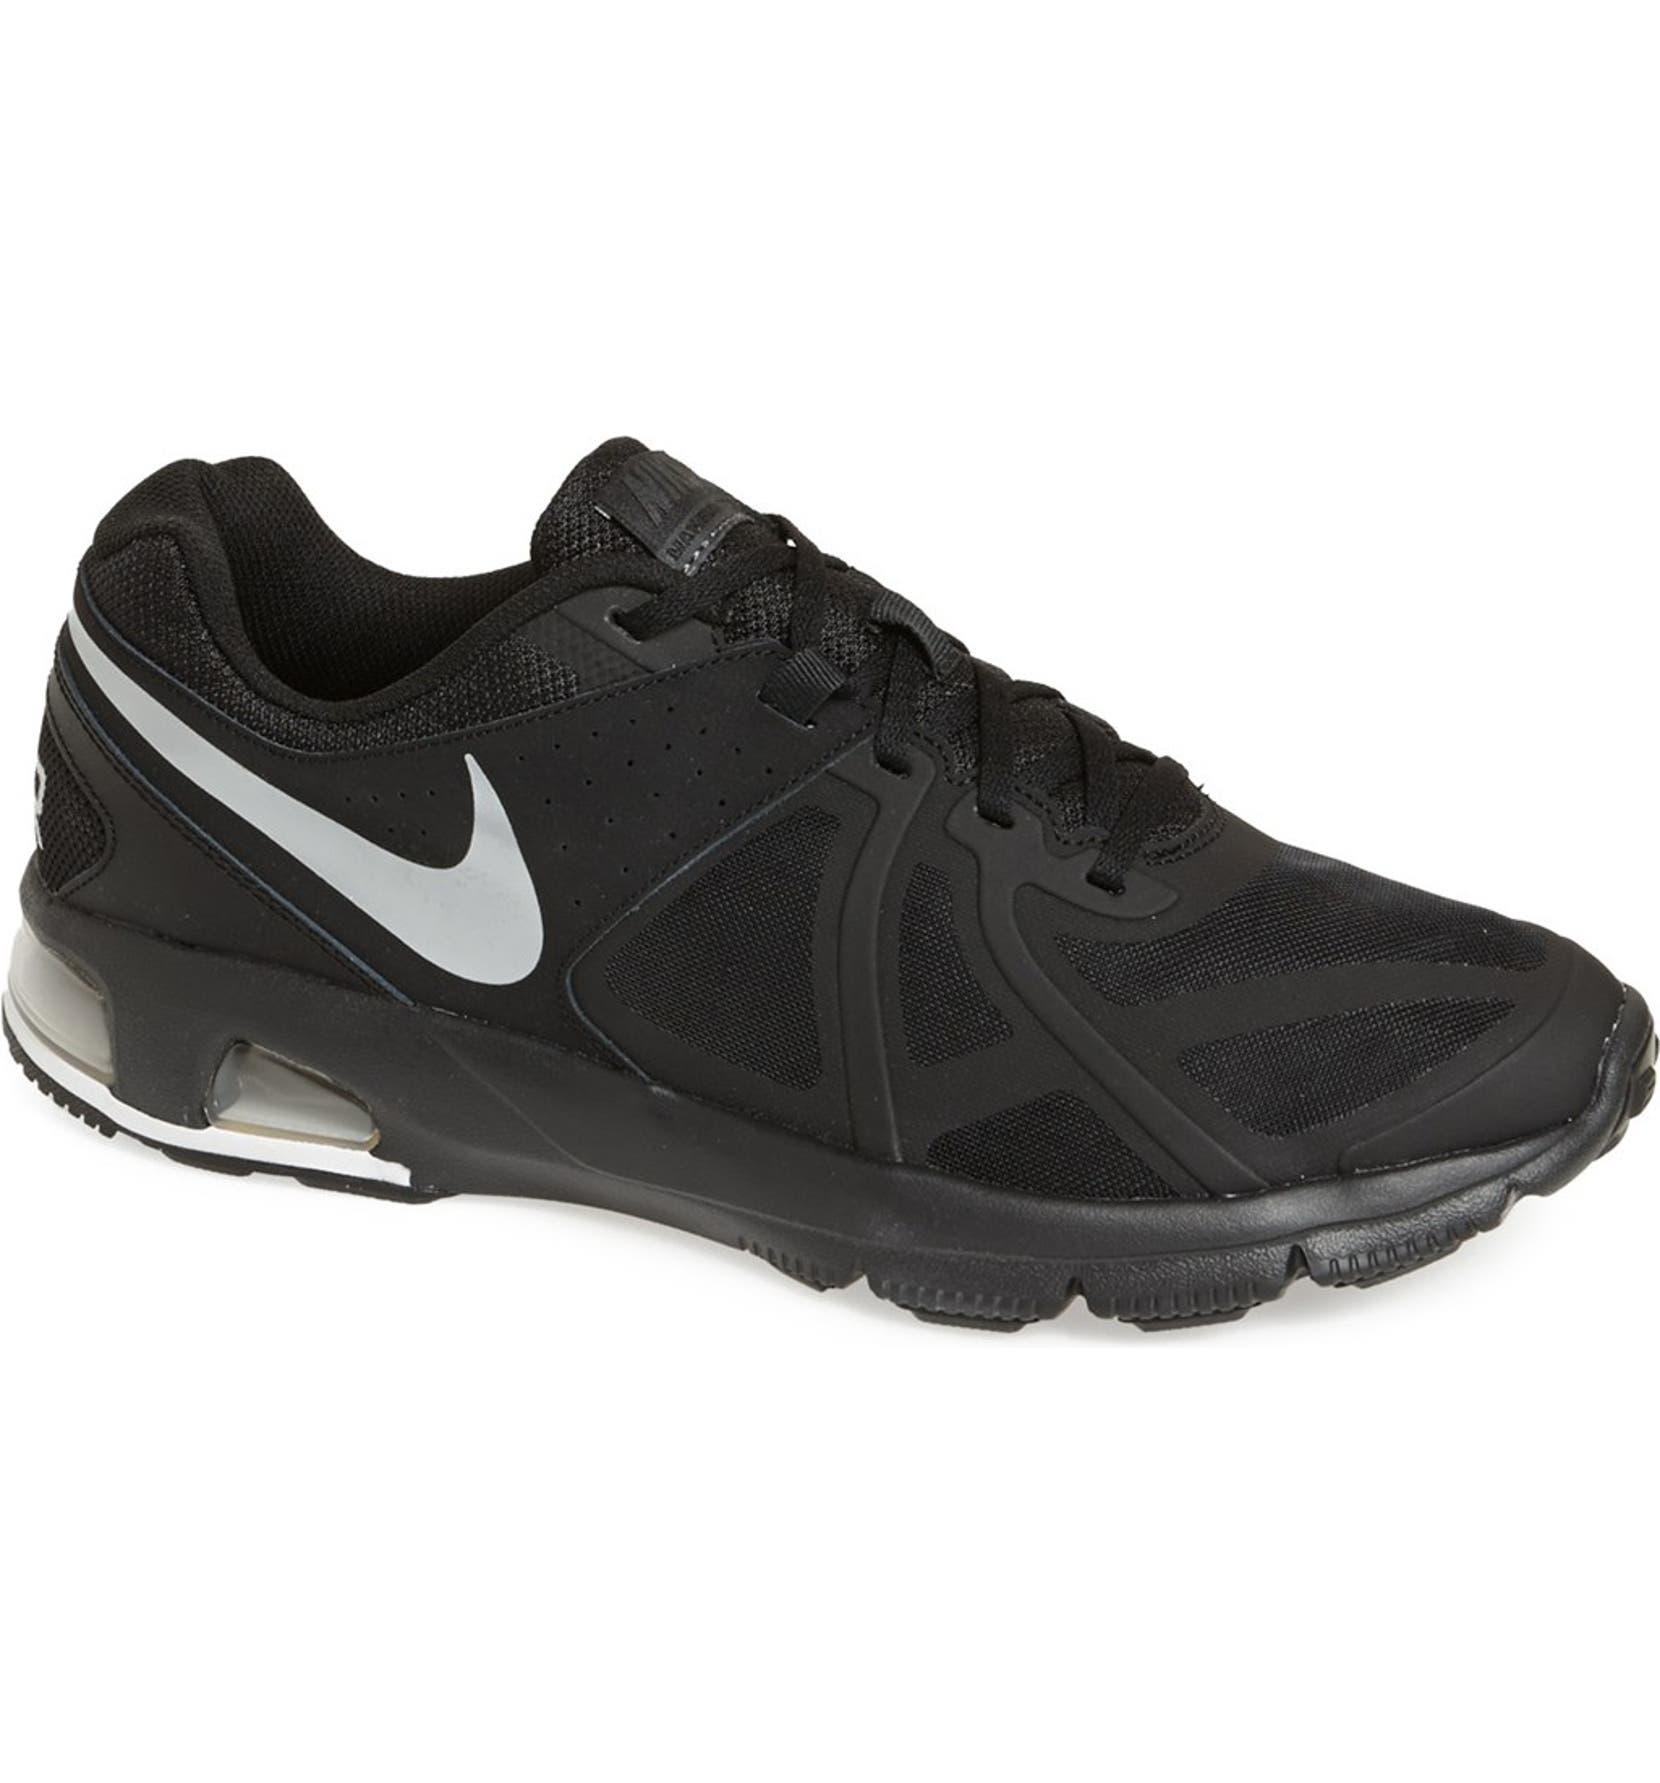 9e22a6bea19a9 'Air Max Run Lite 5' Running Shoe